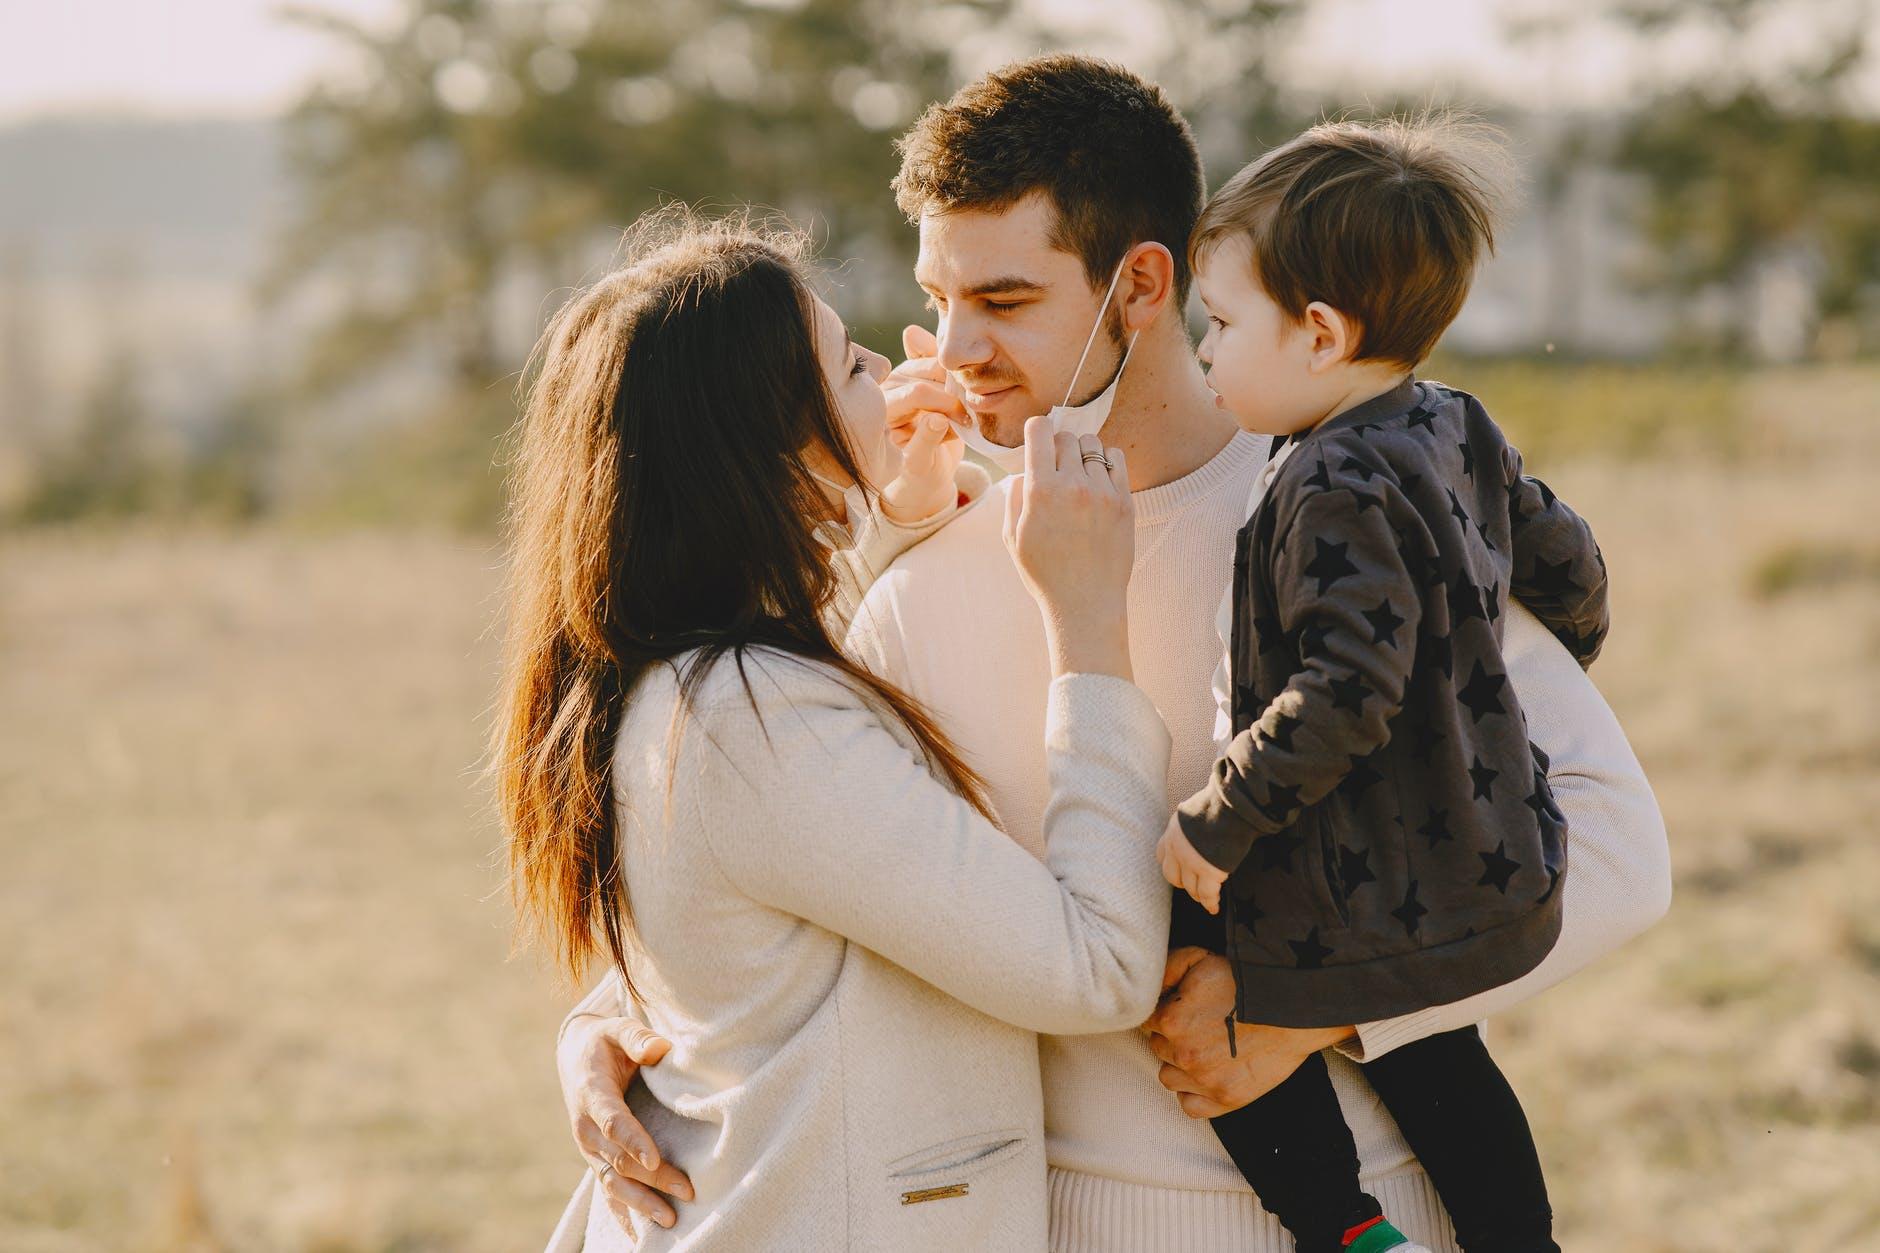 年齡大了,如何處理好與子女之間的關係? 牢記四句話